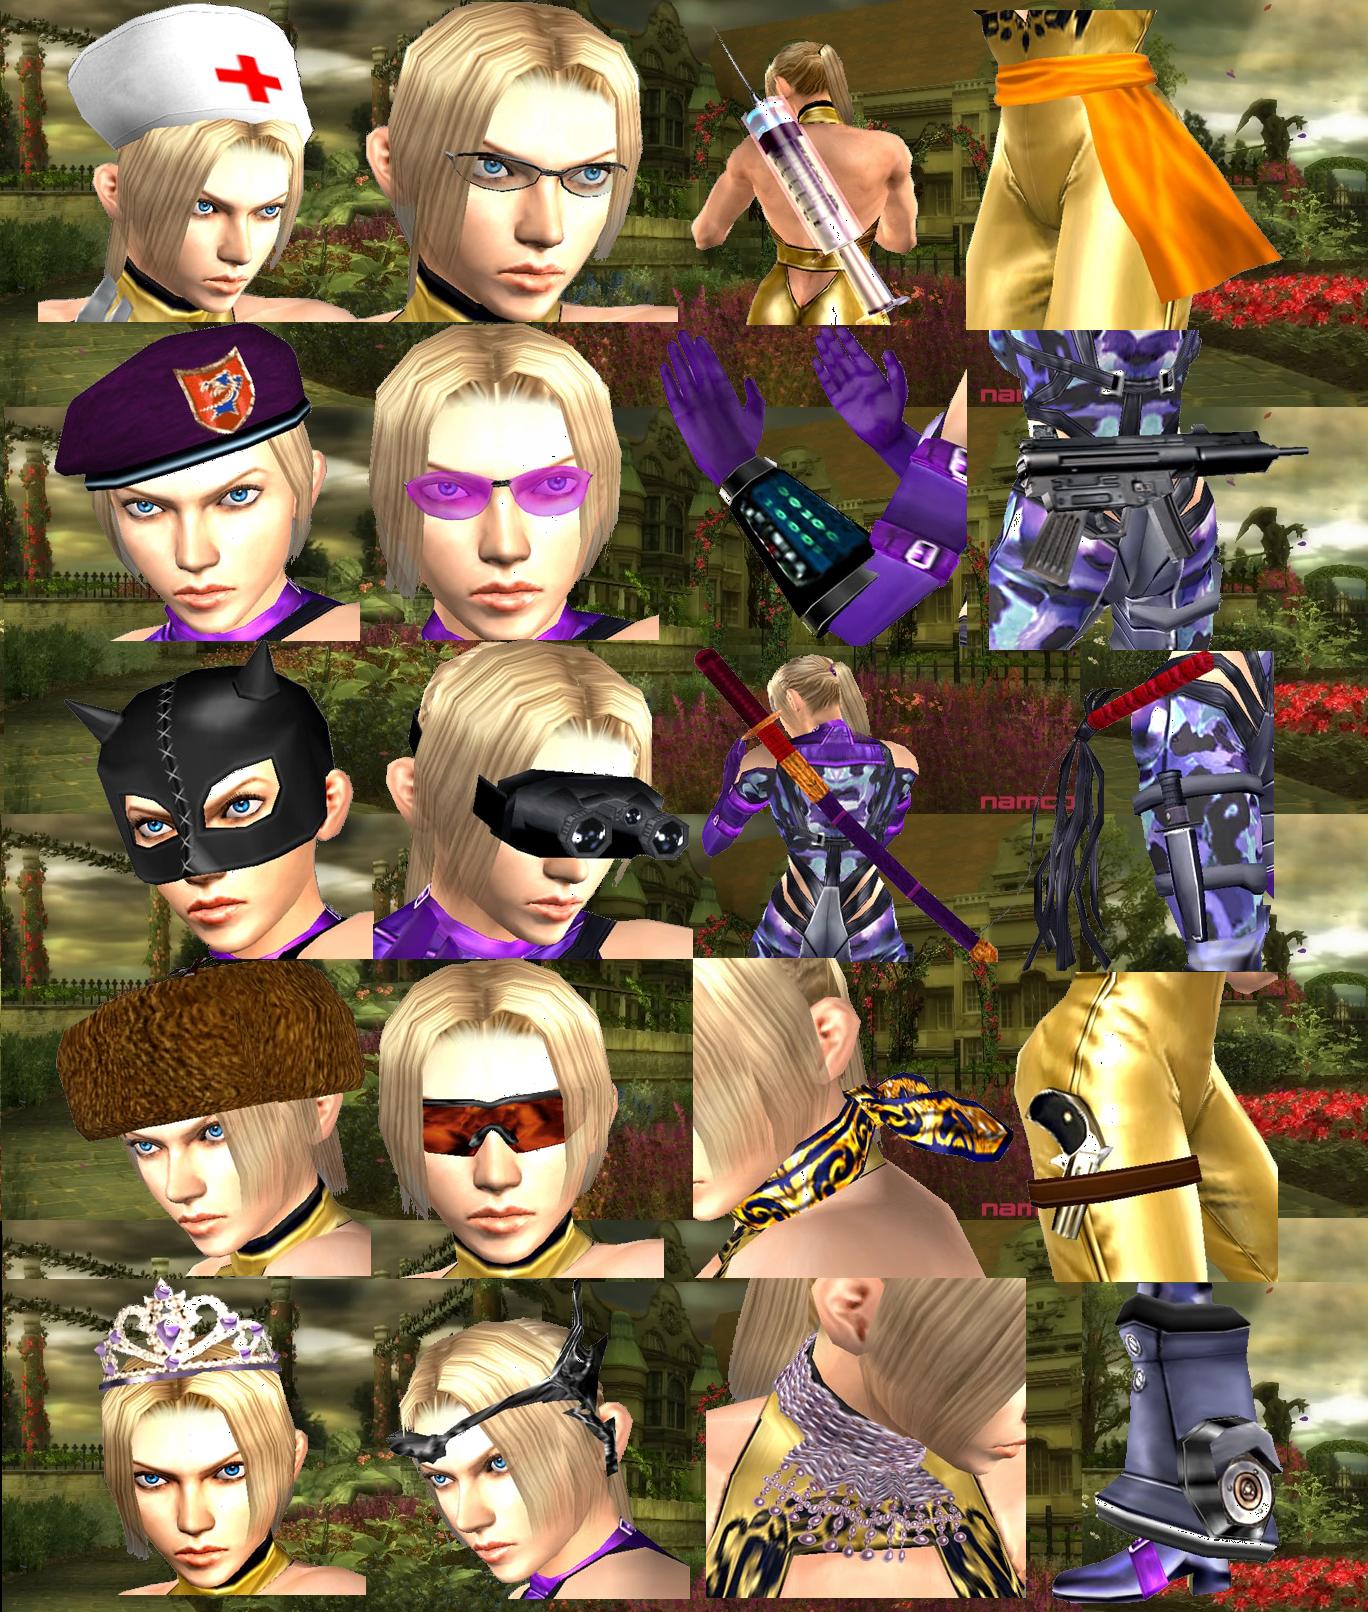 Tekken 5 Nina Williams Customization By Lonerpx On Deviantart